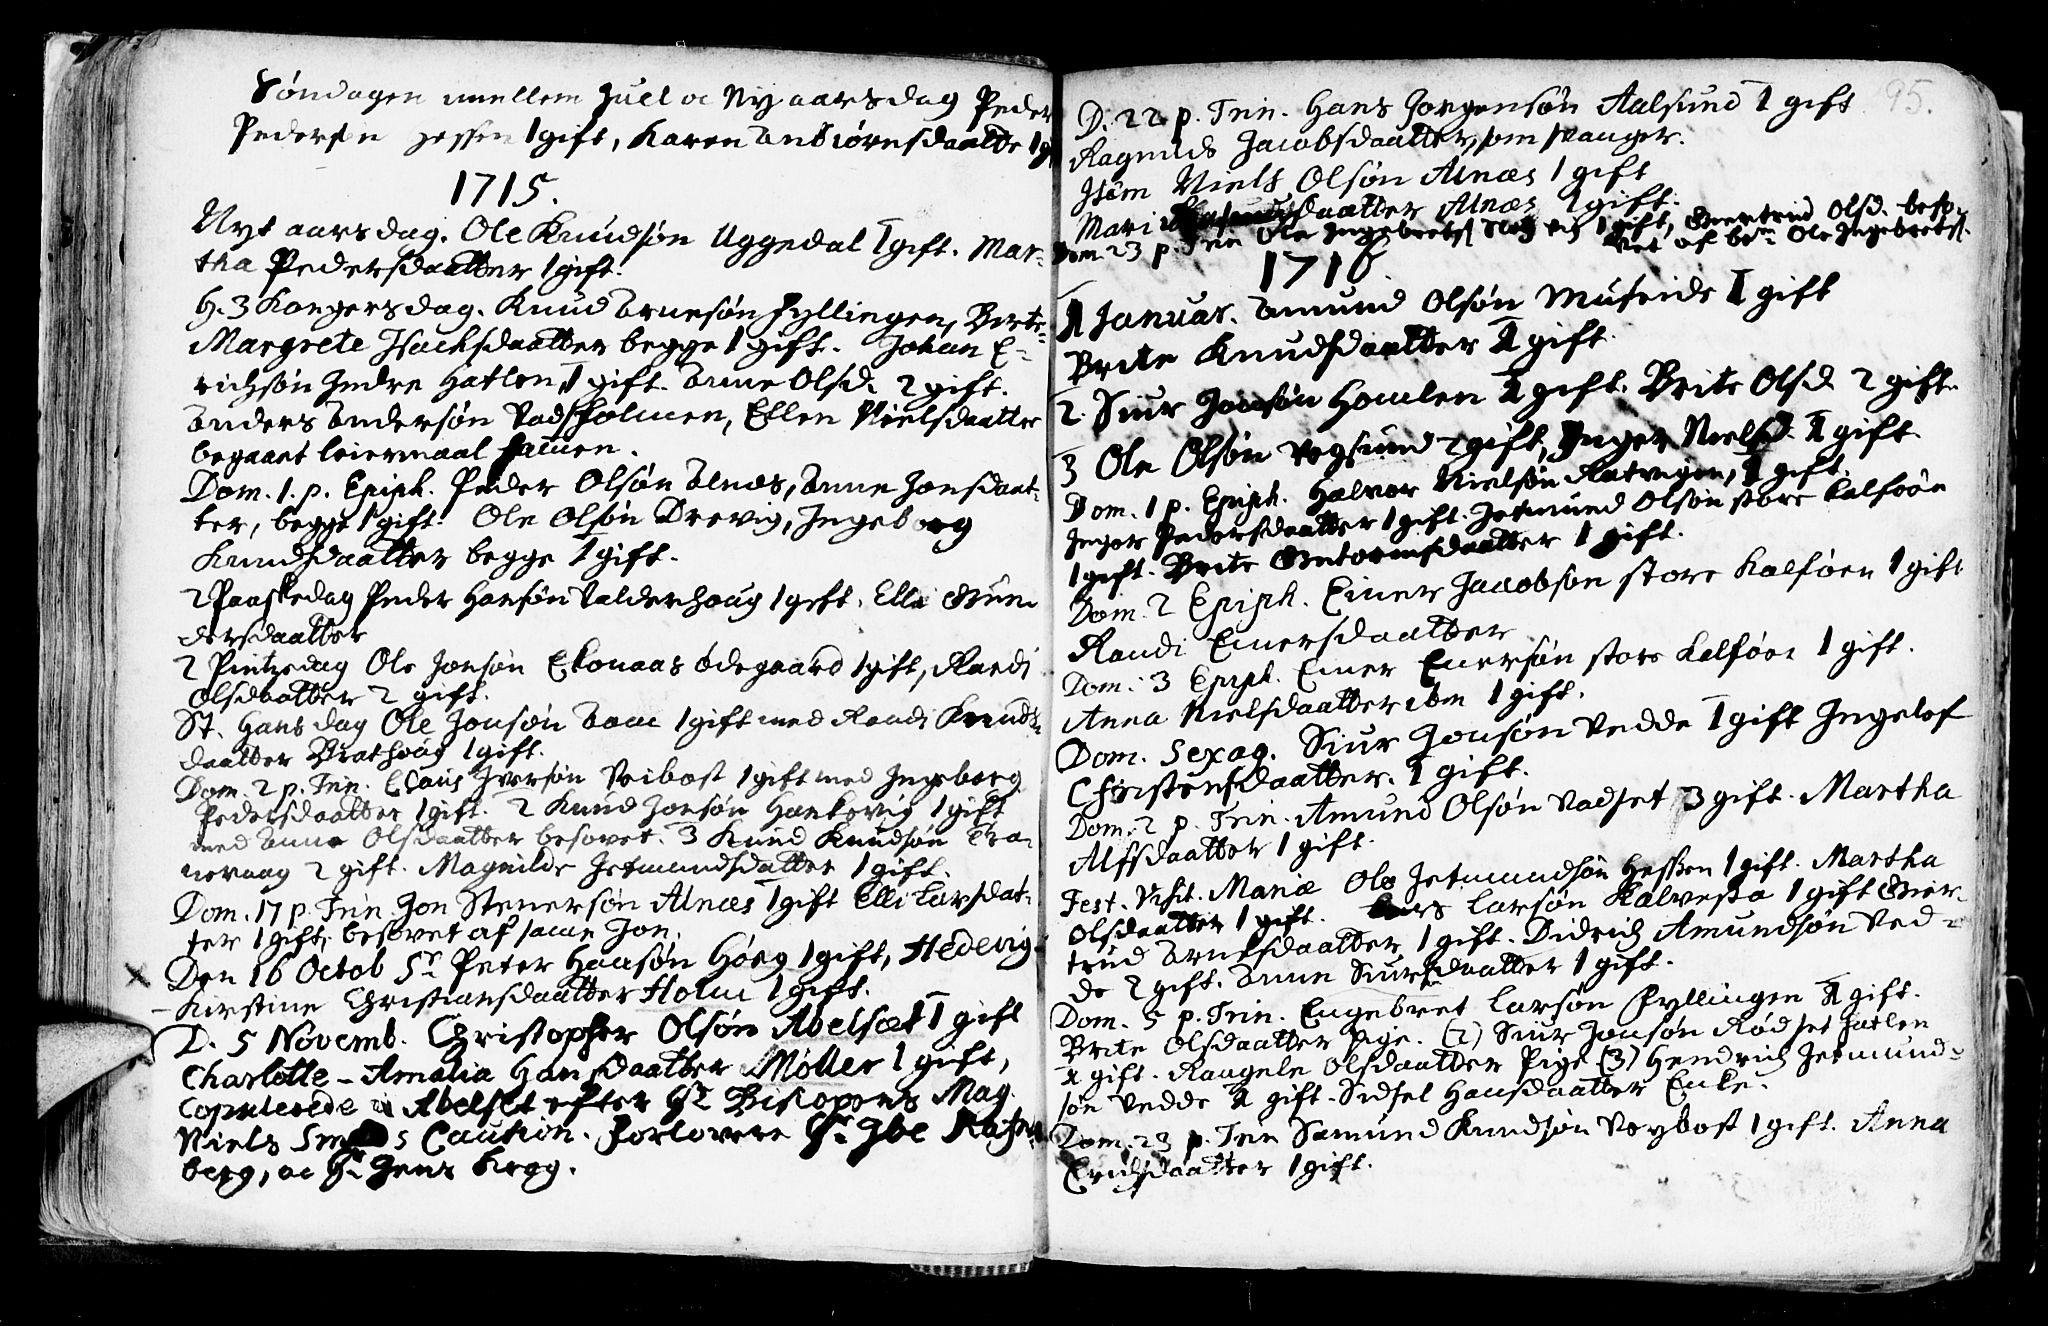 SAT, Ministerialprotokoller, klokkerbøker og fødselsregistre - Møre og Romsdal, 528/L0390: Ministerialbok nr. 528A01, 1698-1739, s. 94-95